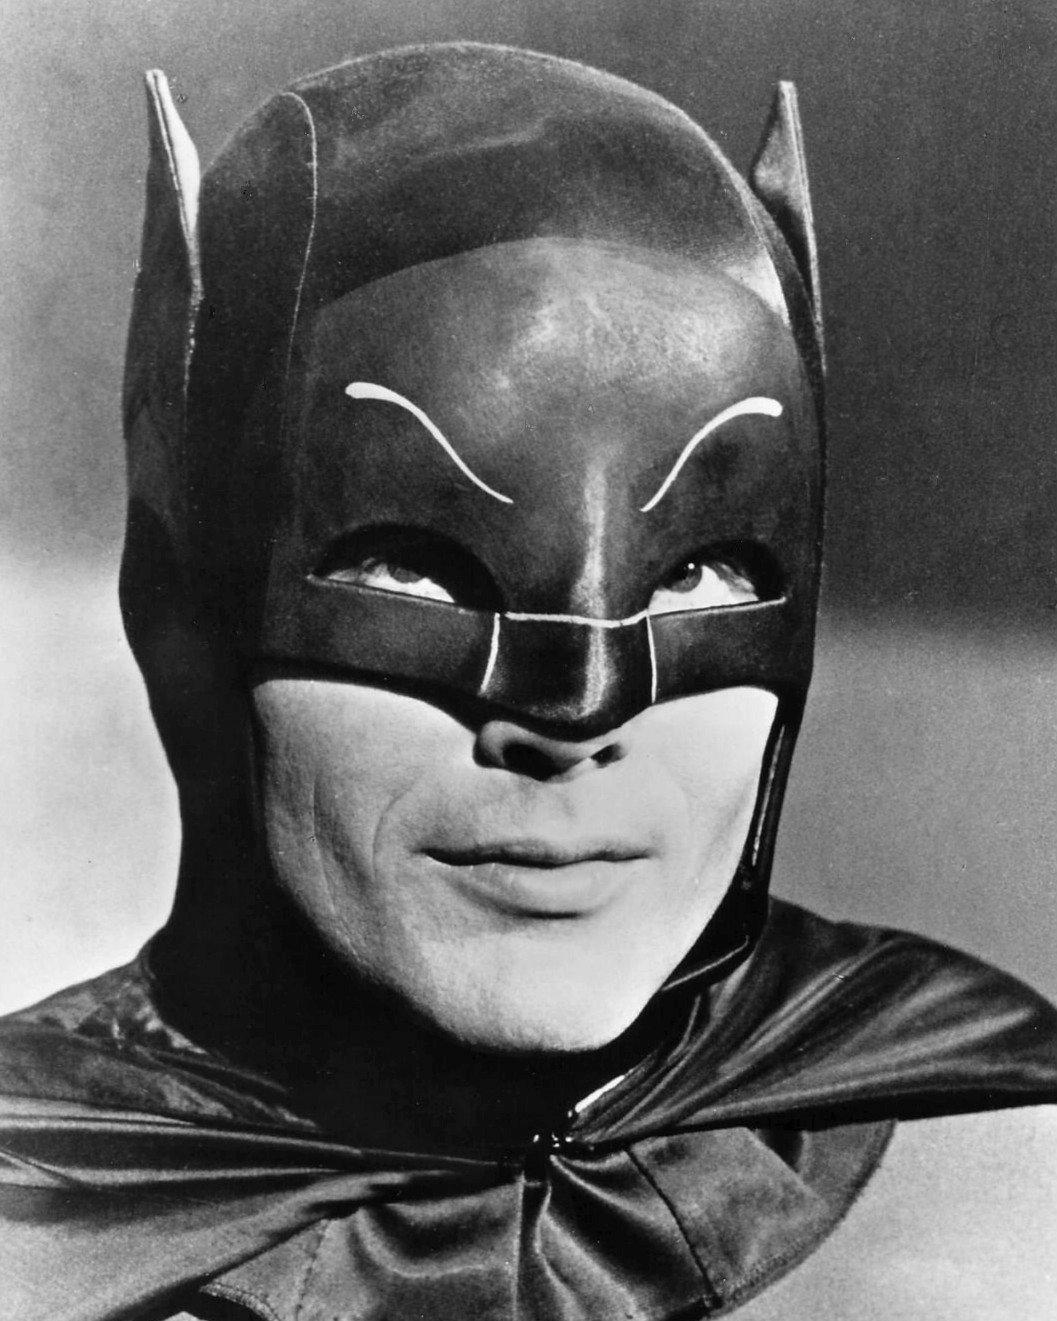 ADAM WEST AS BATMAN IN THE TV SHOW 'BATMAN' - 8X10 PUBLICITY PHOTO (ZZ-197)